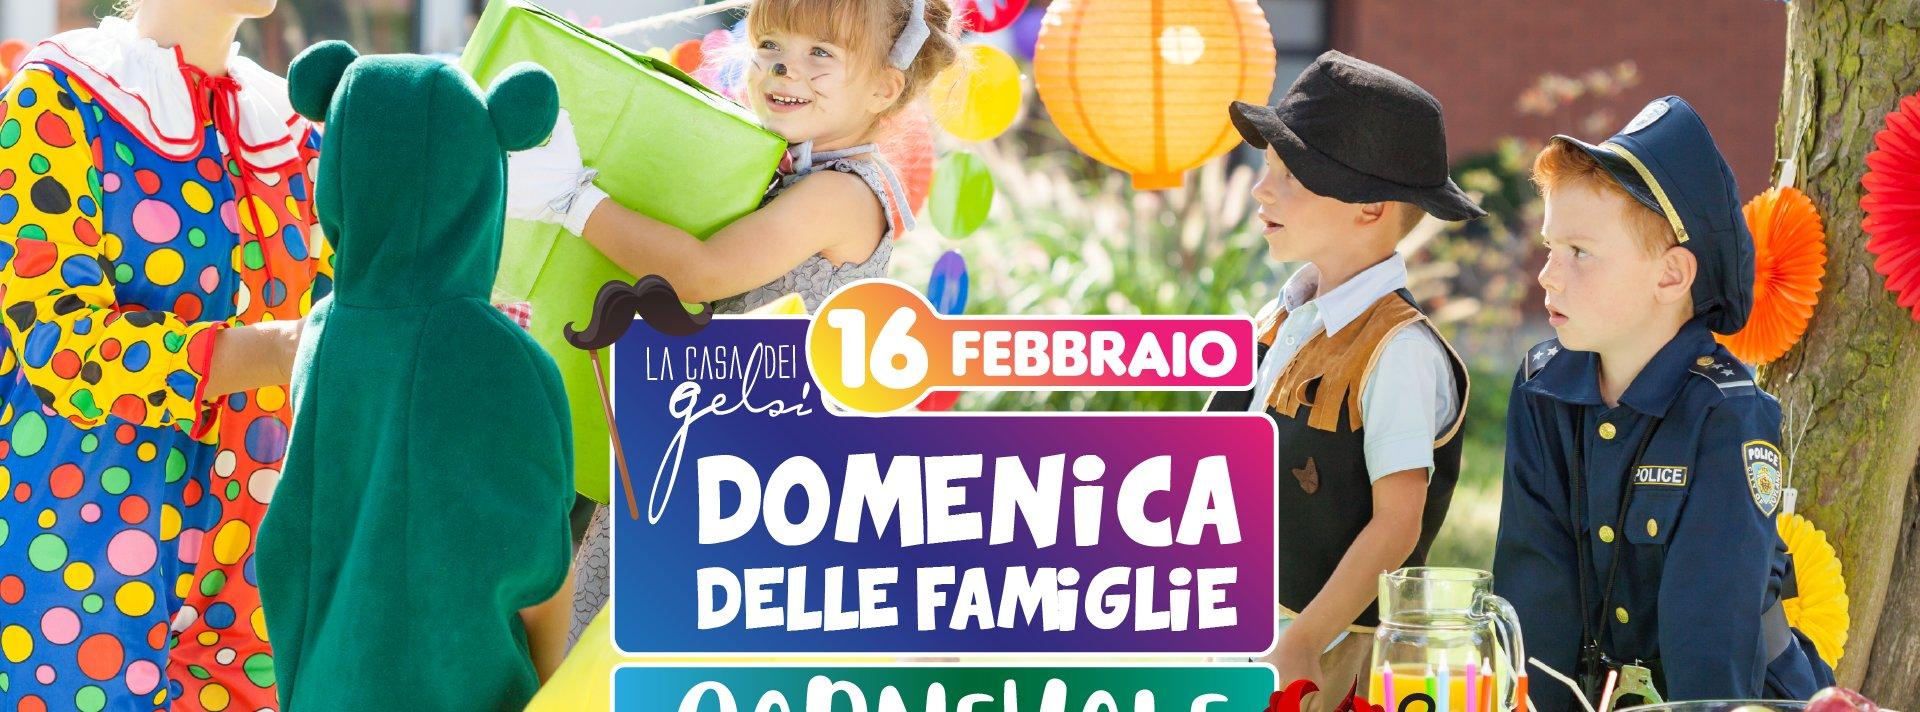 Carnevale per famiglie alla Casa dei Gelsi - 16 fe